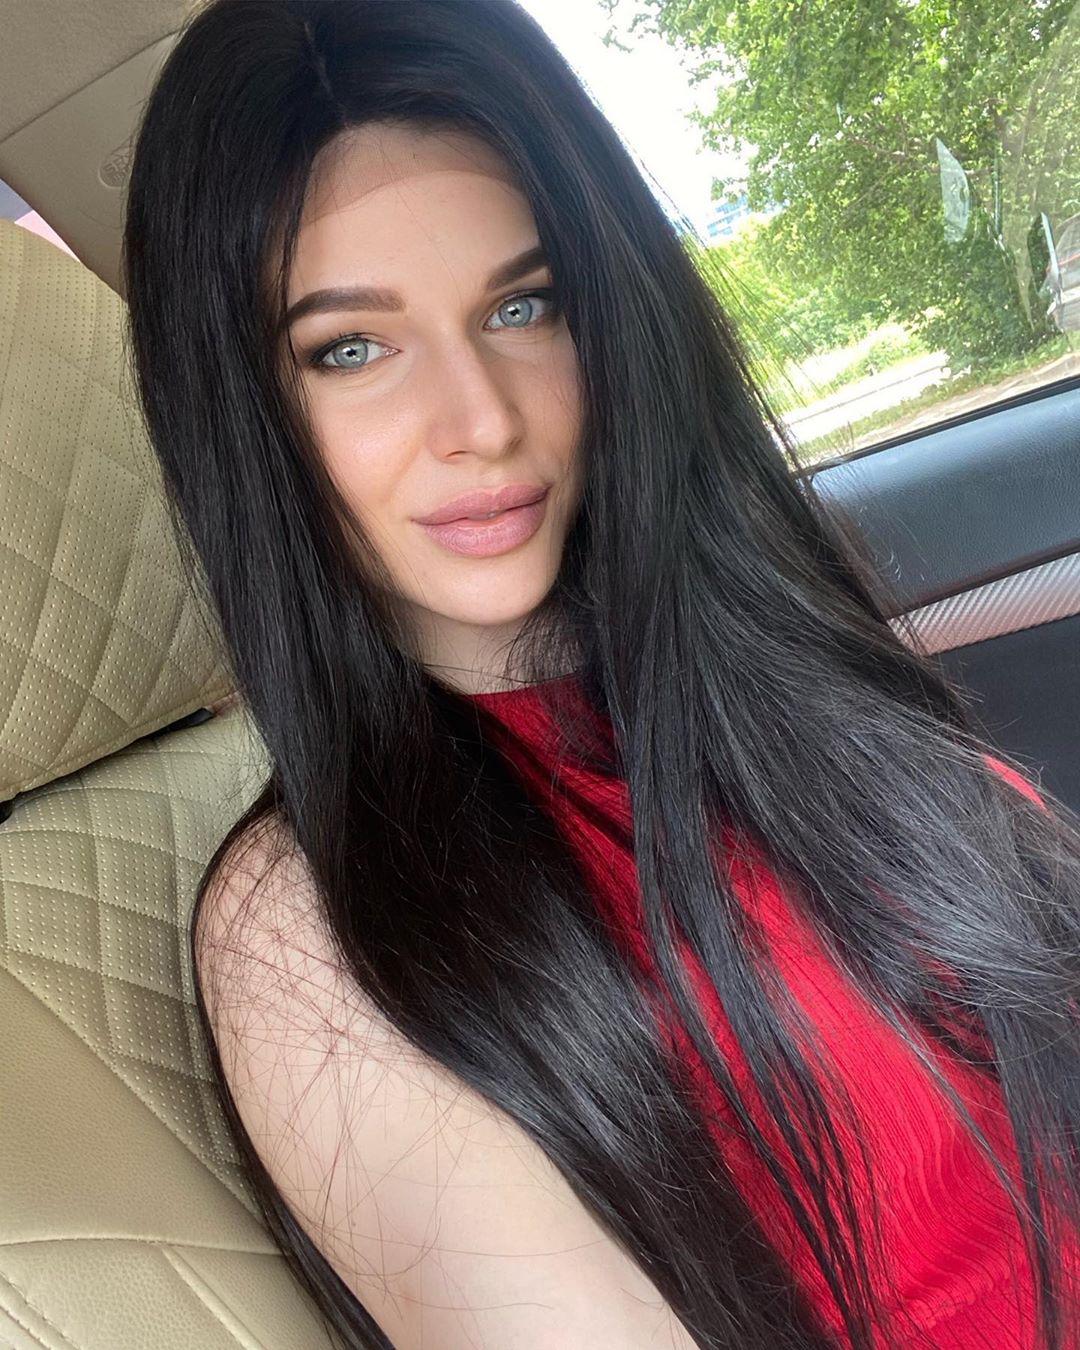 Рост волос: Эта длиннющая длина ⠀ ⠀ Горький шоколад на шелке. ⠀ ⠀ 70 см счастья ⠀ ⠀ В...